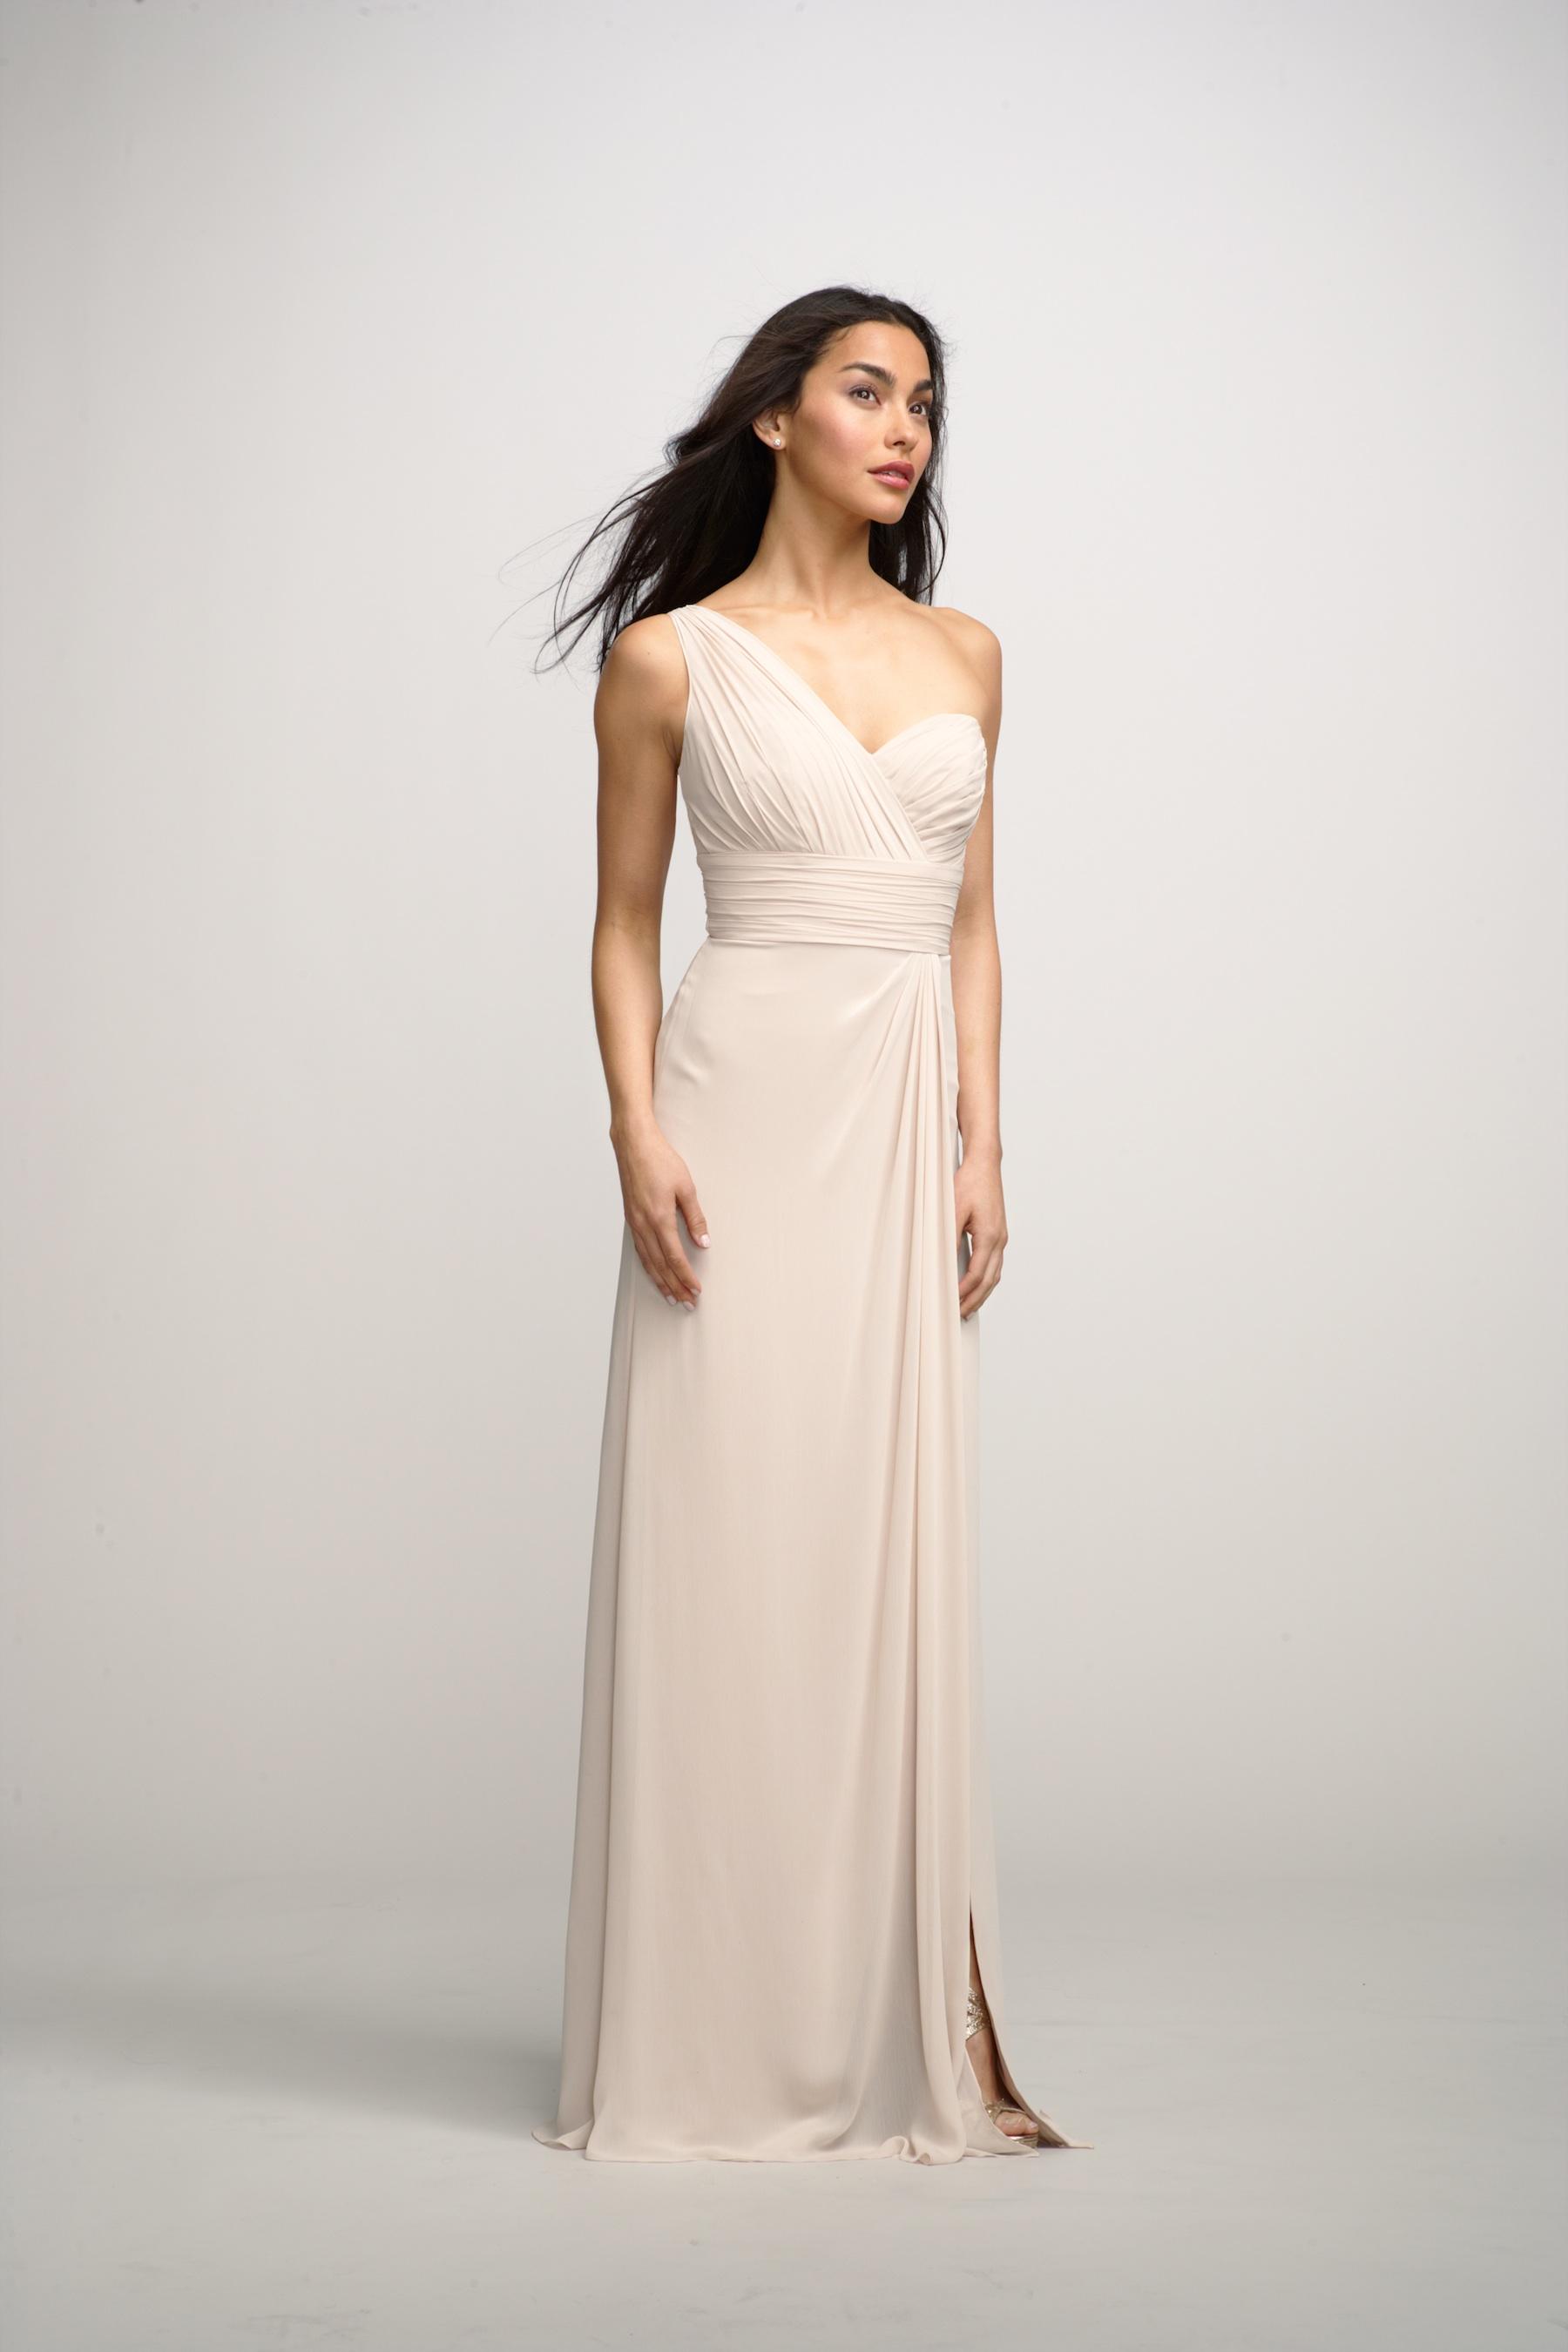 Cream bridesmaid dresses cocktail dresses 2016 cream bridesmaid dresses ombrellifo Gallery